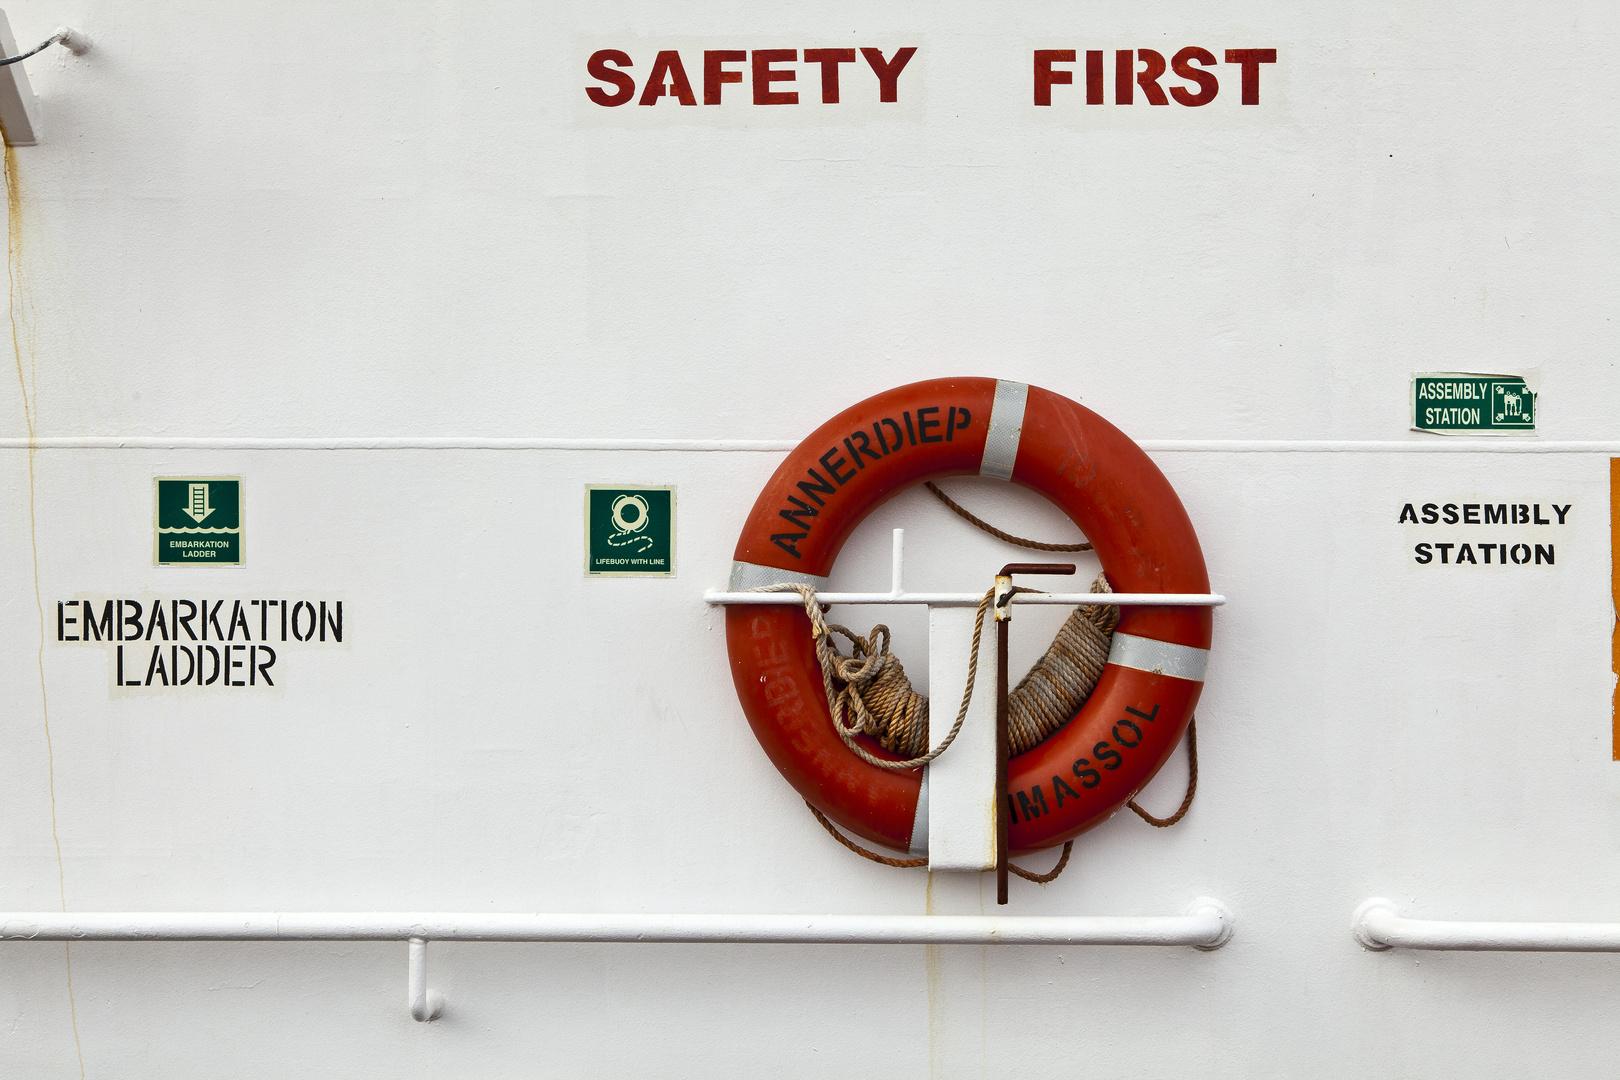 Seguridad ante todo